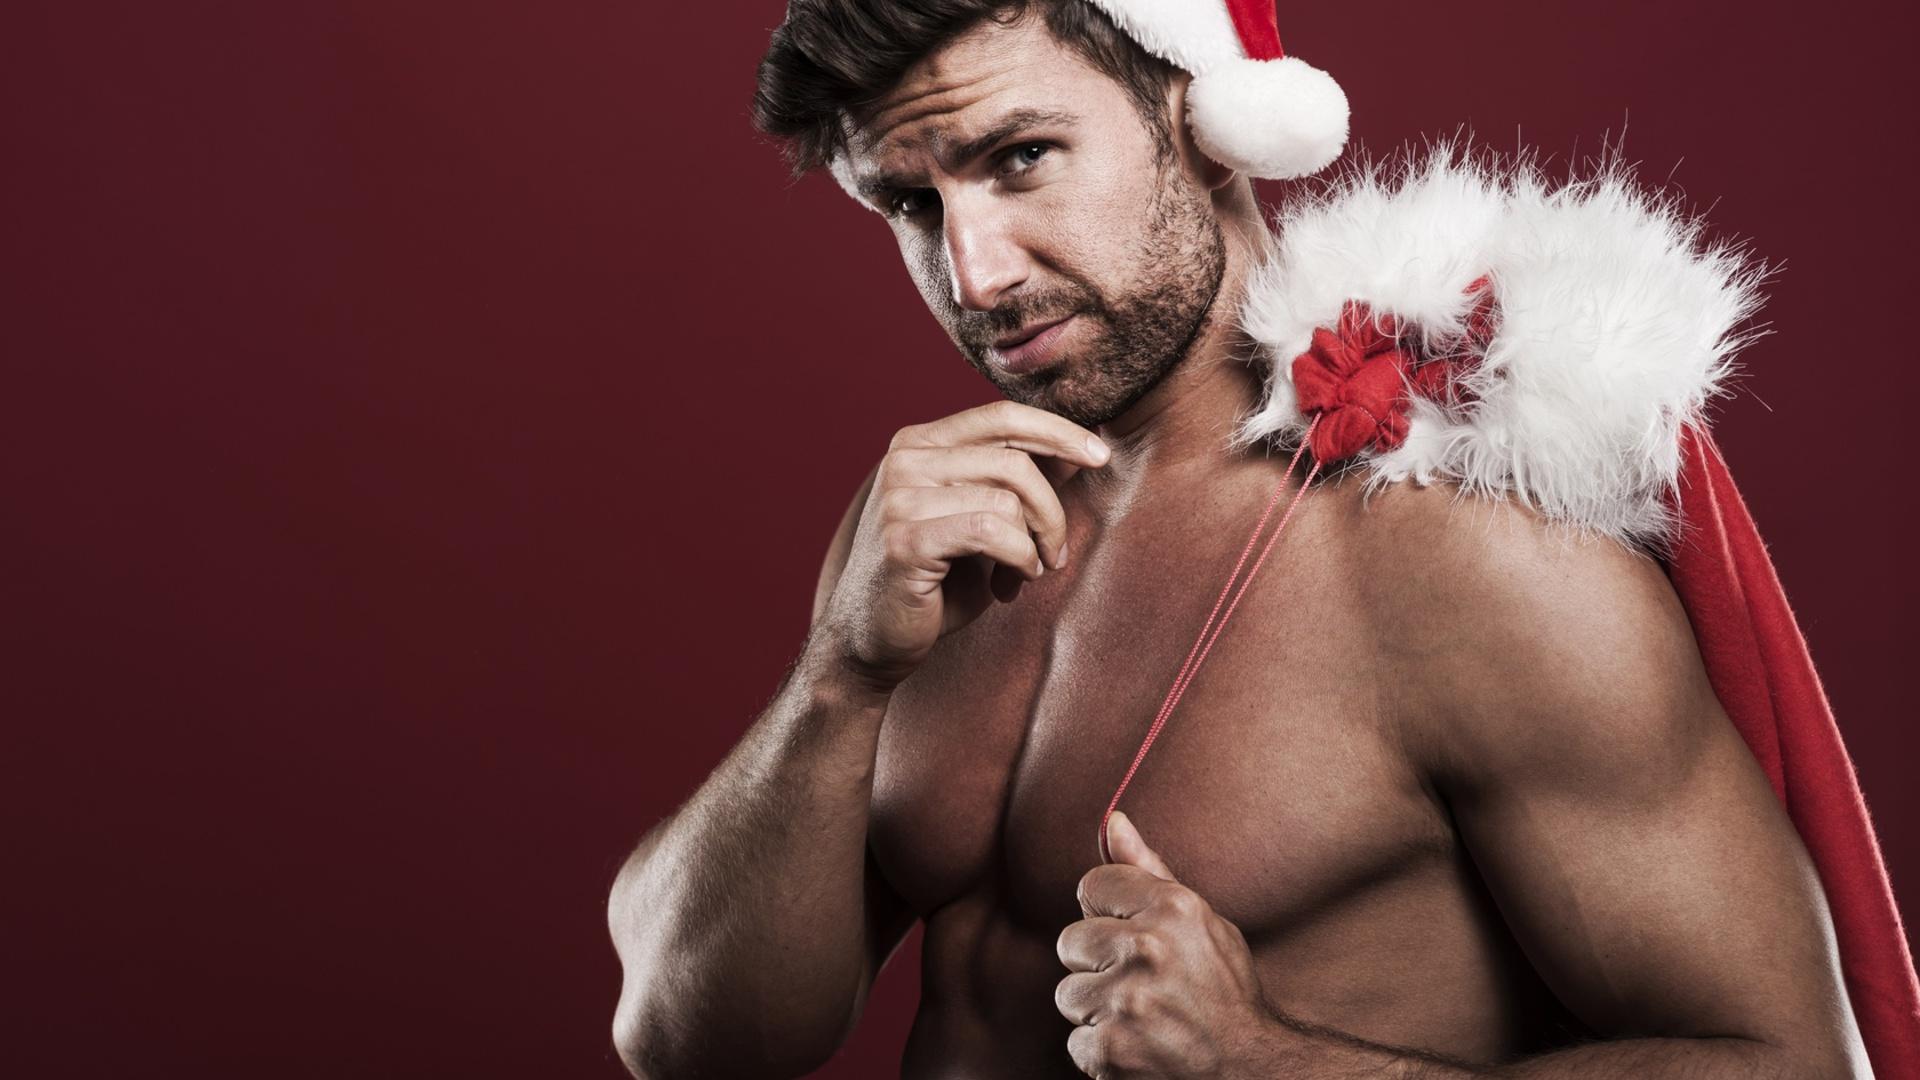 прикольные картинки с новым годом с мужчинами запросу фотограф